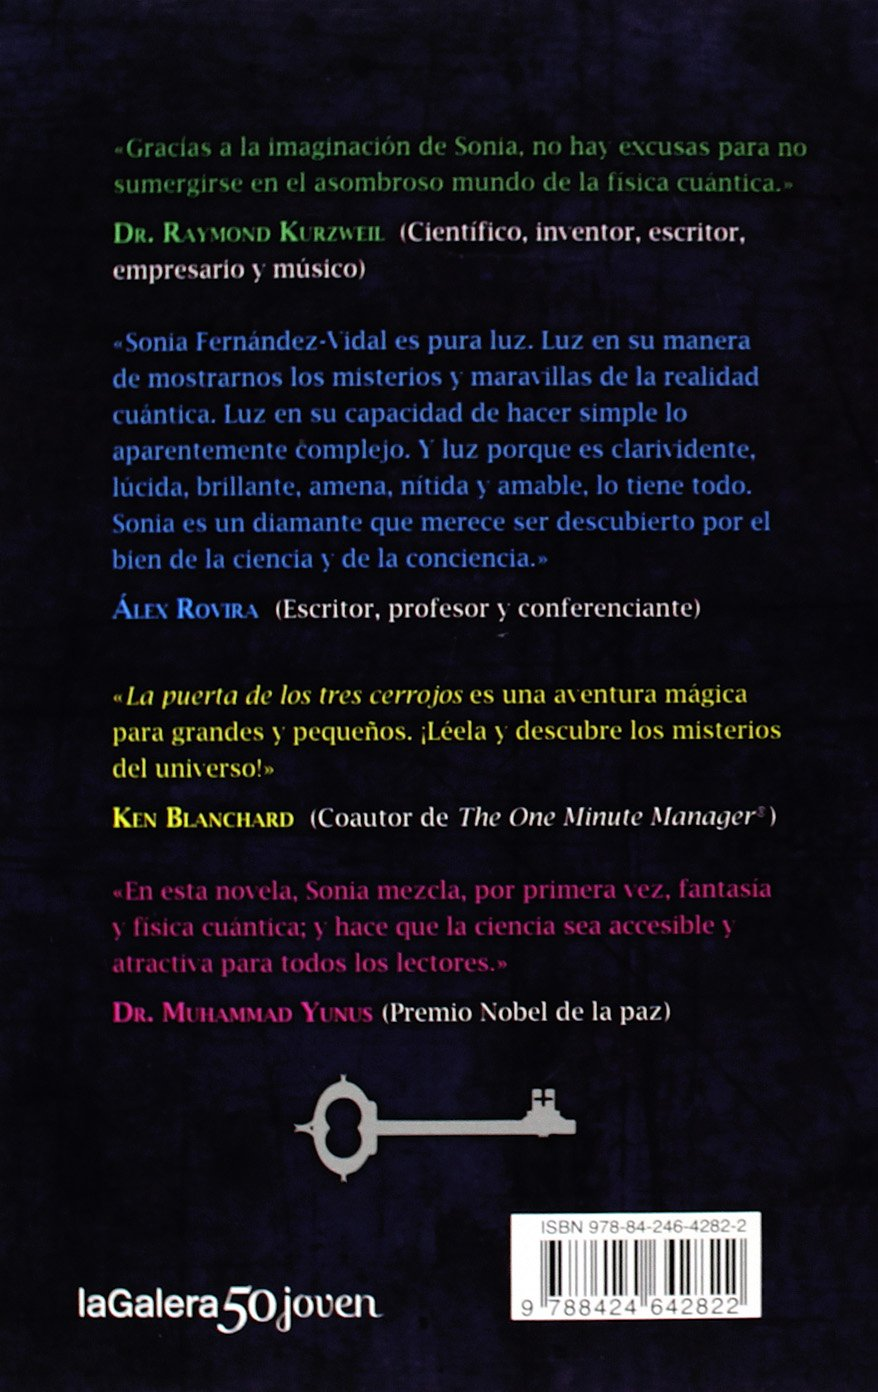 La Puerta De Los Tres Cerrojos (La Galera joven): Amazon.es: Sonia  Fernández-Vidal, Oriol Malet: Libros